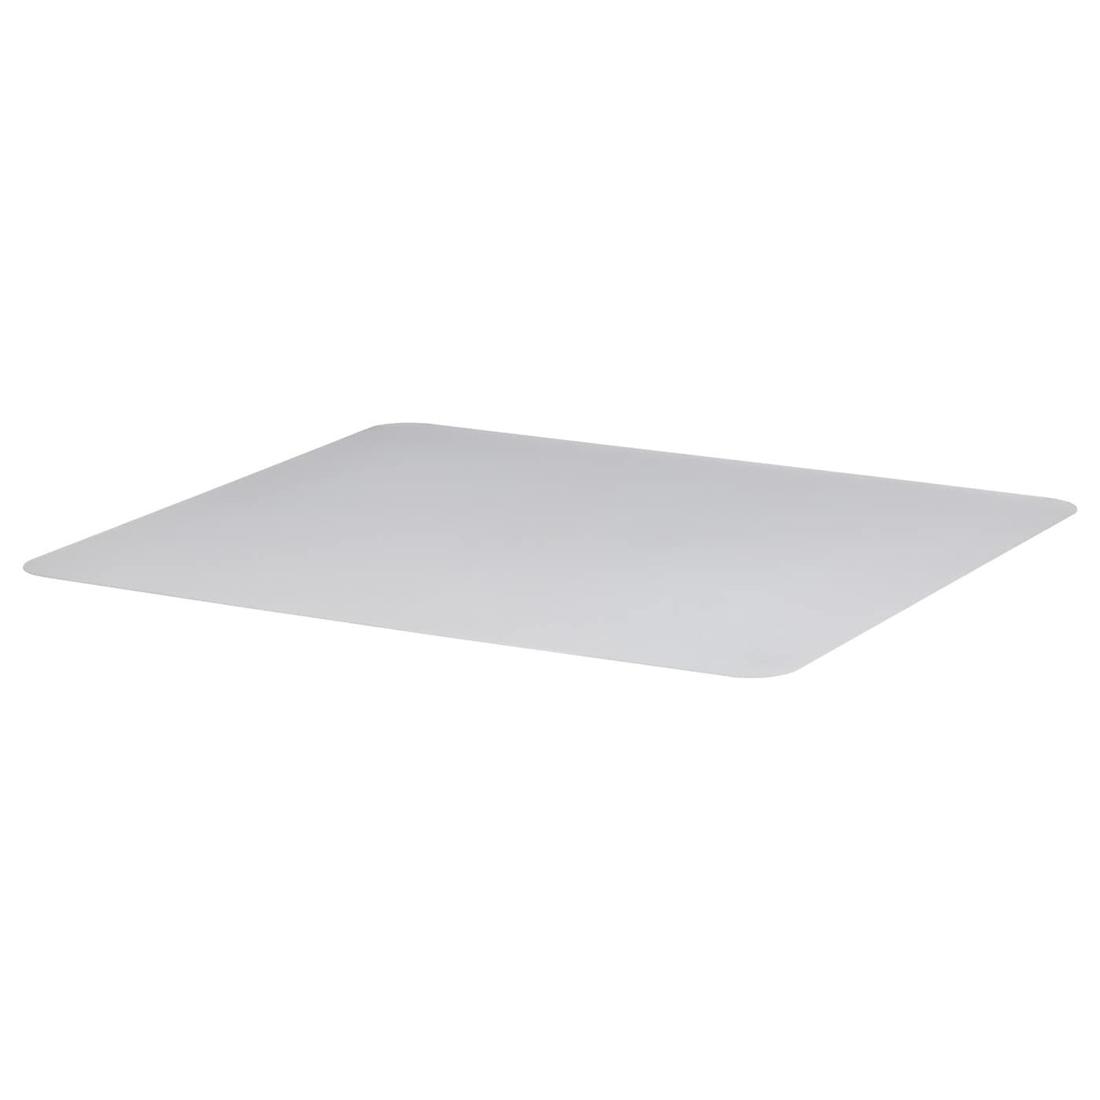 Защитное напольное покрытие, 120x100 см КУЛУН [303.844.93] 303.844.93